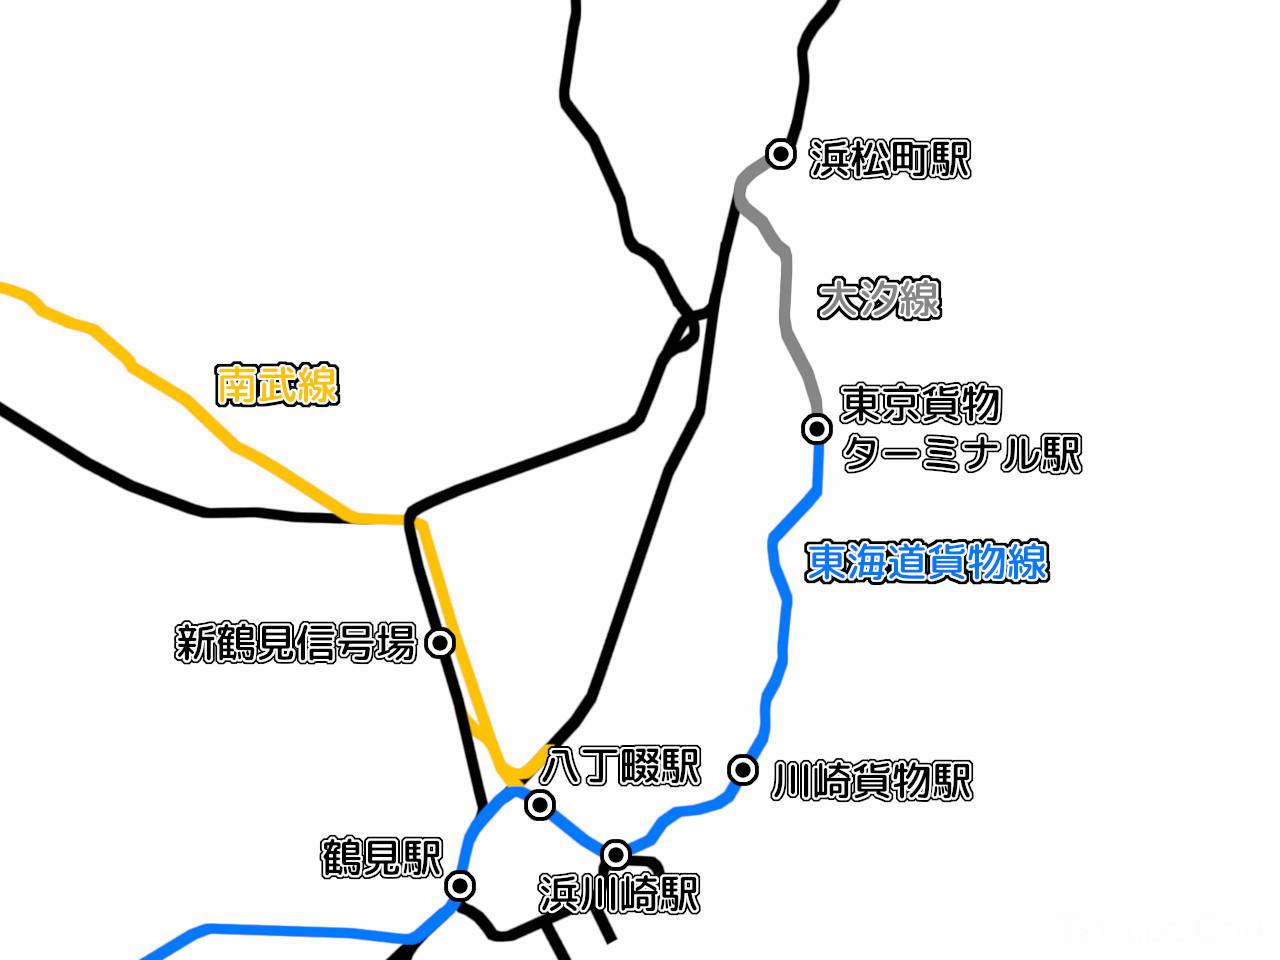 東海道貨物線浜松町~鶴見間と関係路線